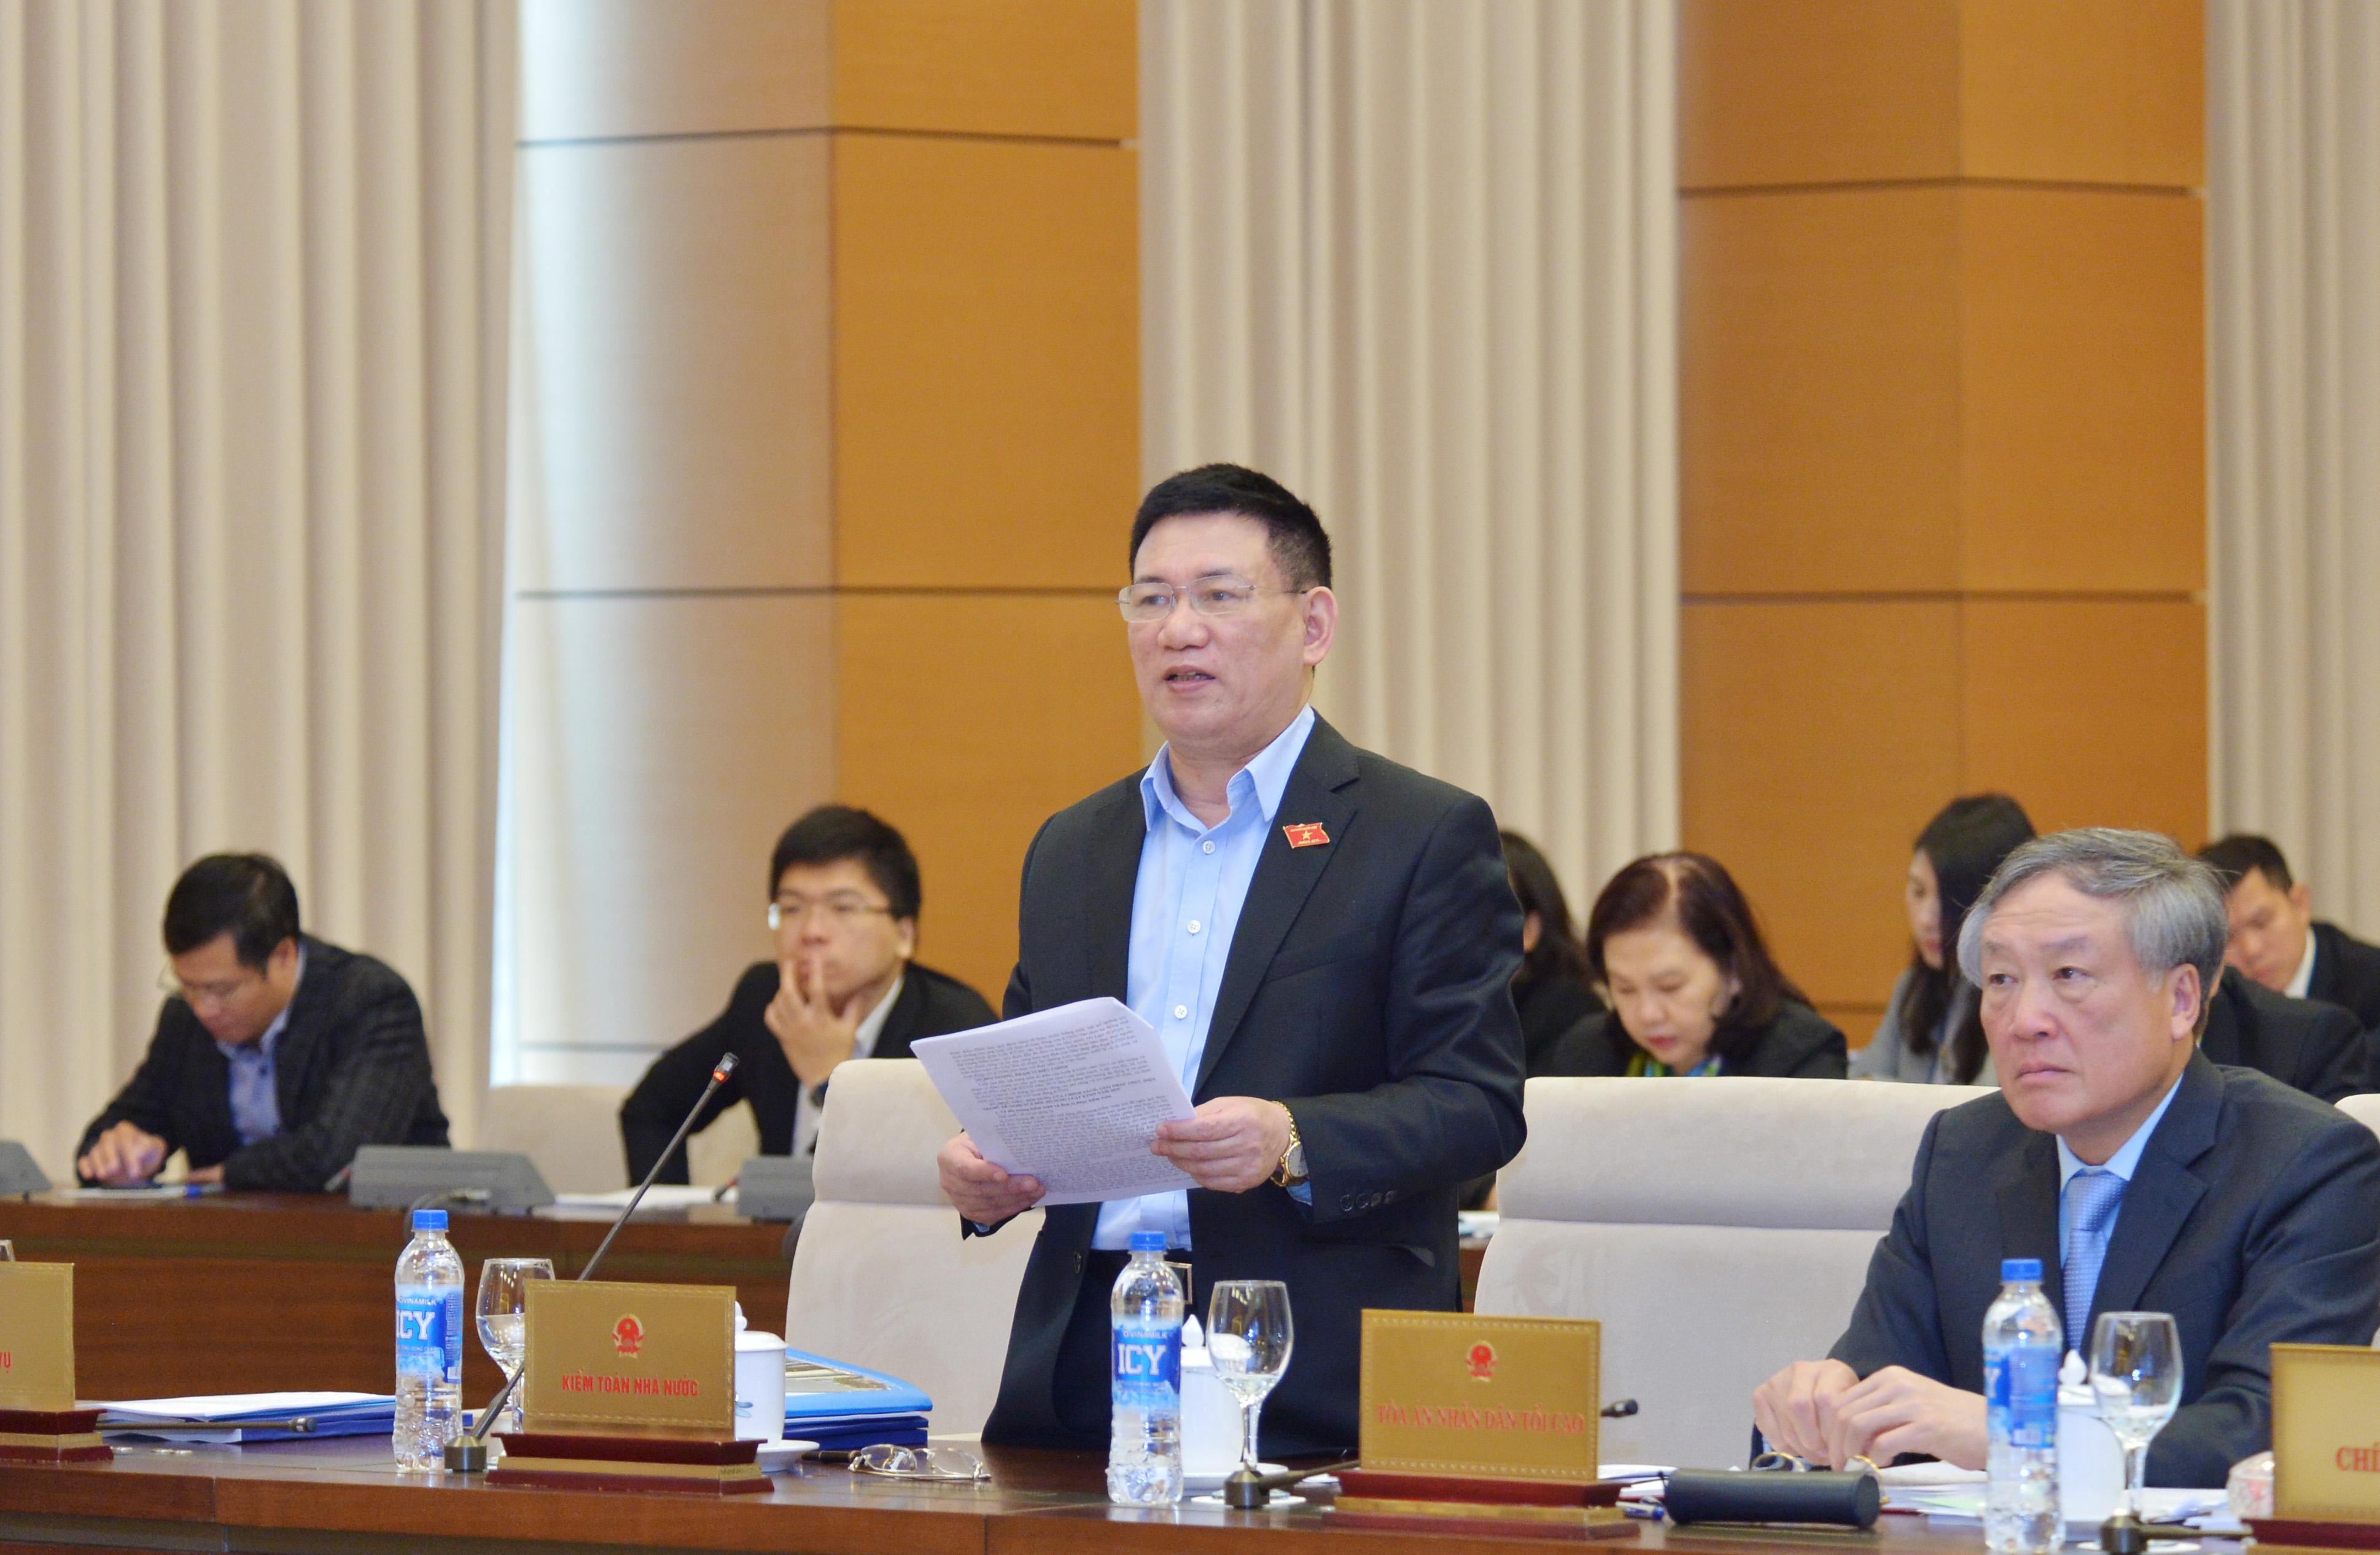 Ủy ban Thường vụ Quốc hội tán thành việc bổ sung Luật sửa đổi, bổ sung một số điều của Luật KTNN vào Chương trình xây dựng luật, pháp lệnh năm 2019